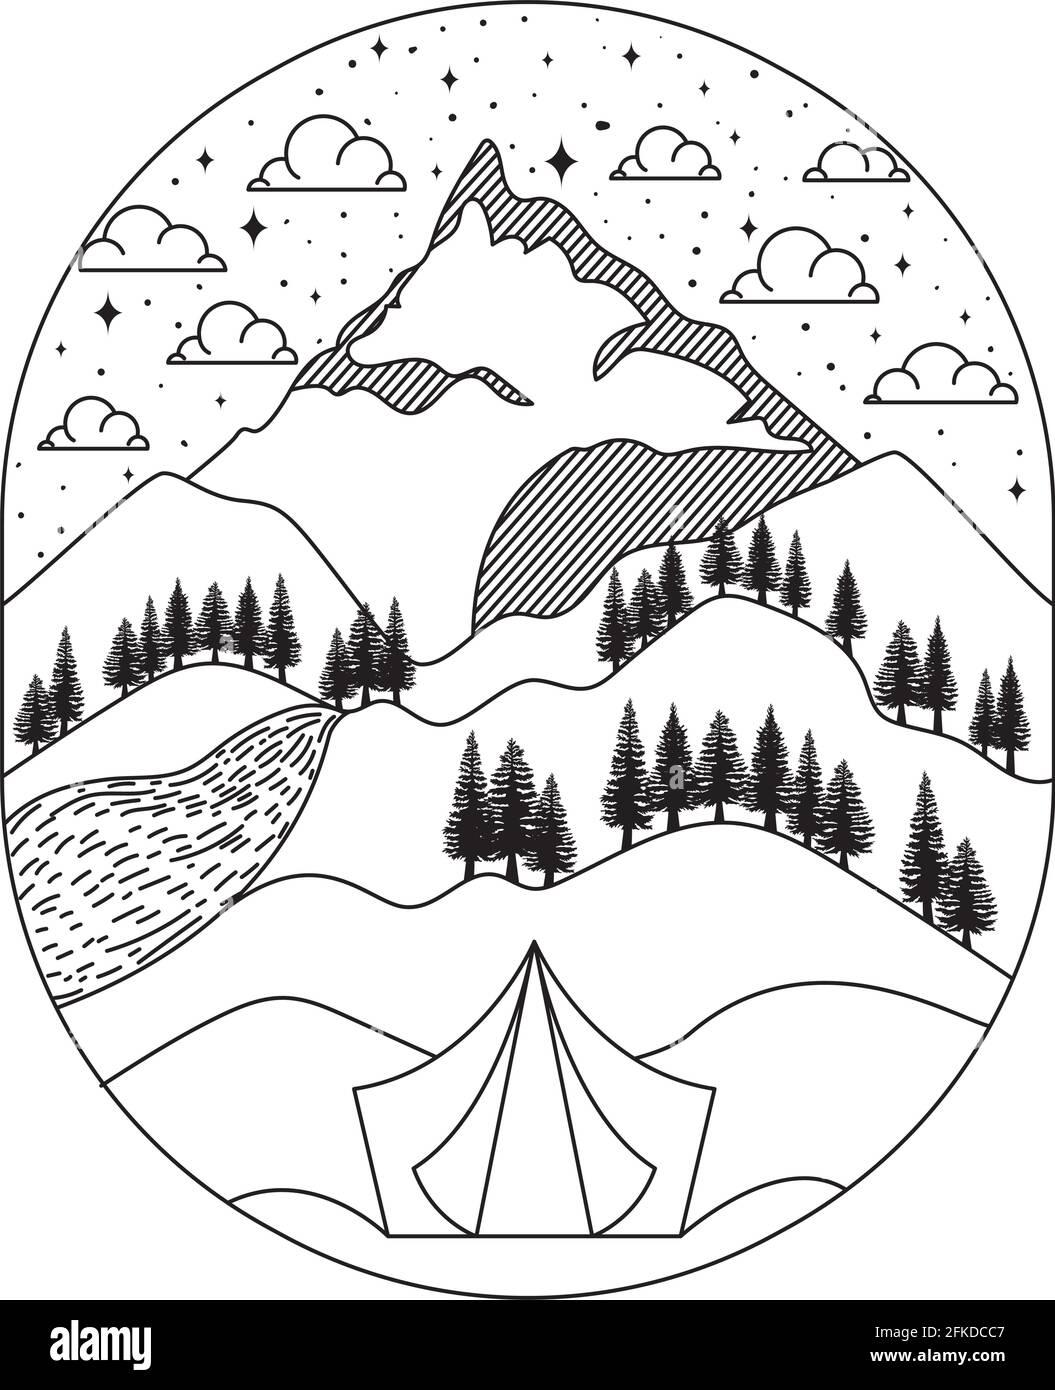 bonita silueta paisajística Ilustración del Vector